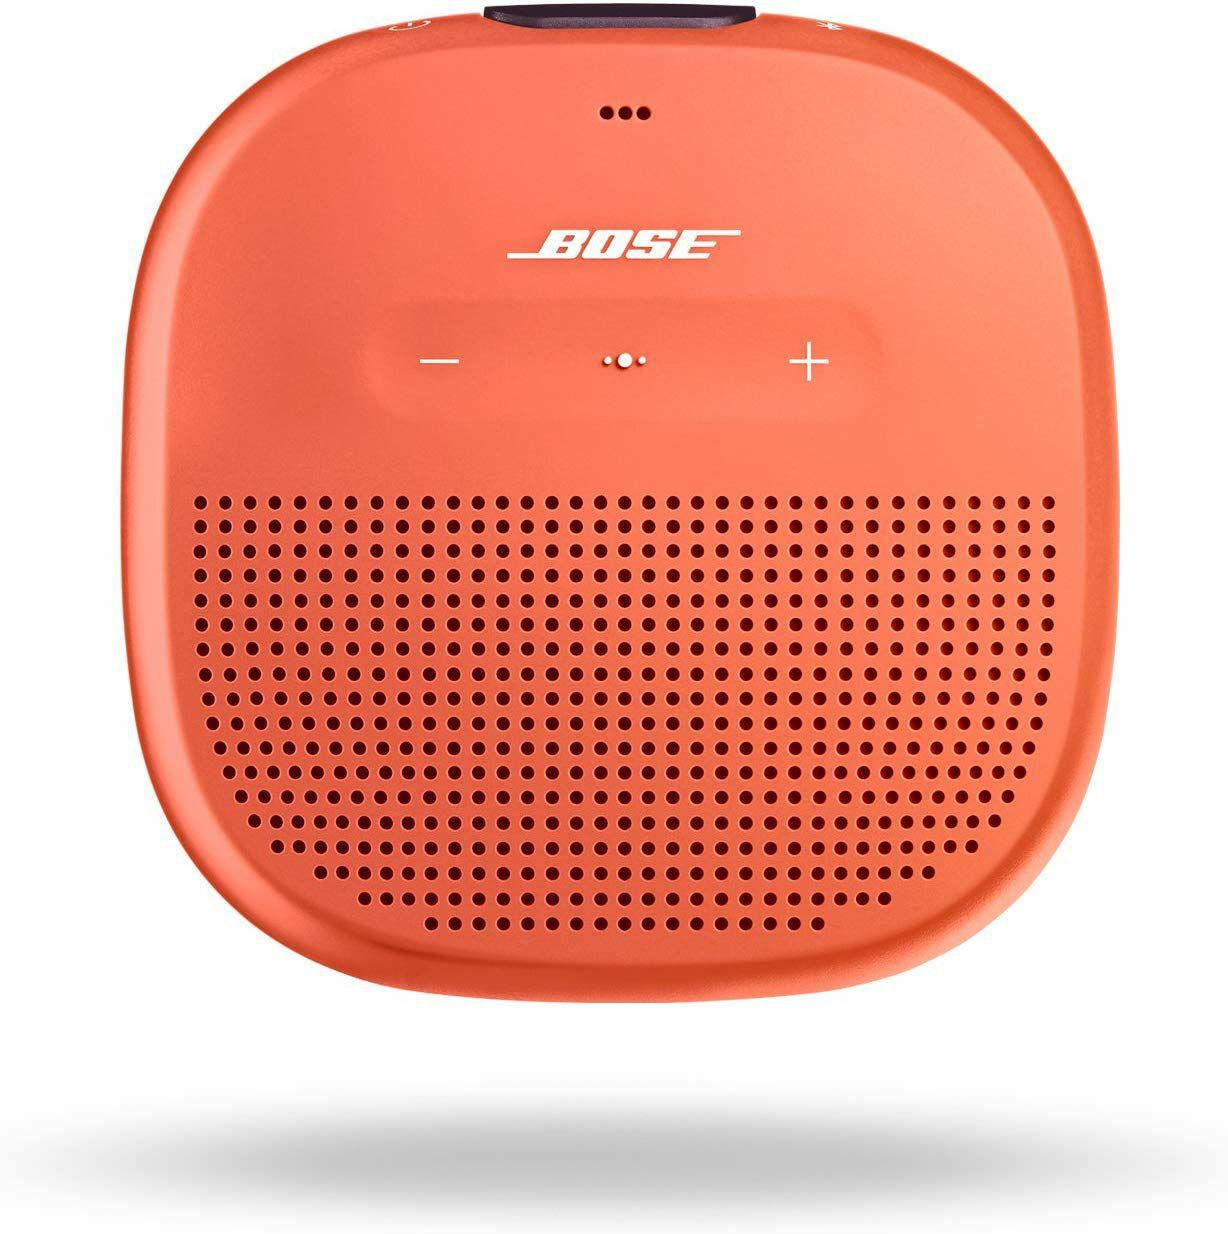 Bose SoundLink Bluetooth-Lautsprecher - orange (Amazon.es)